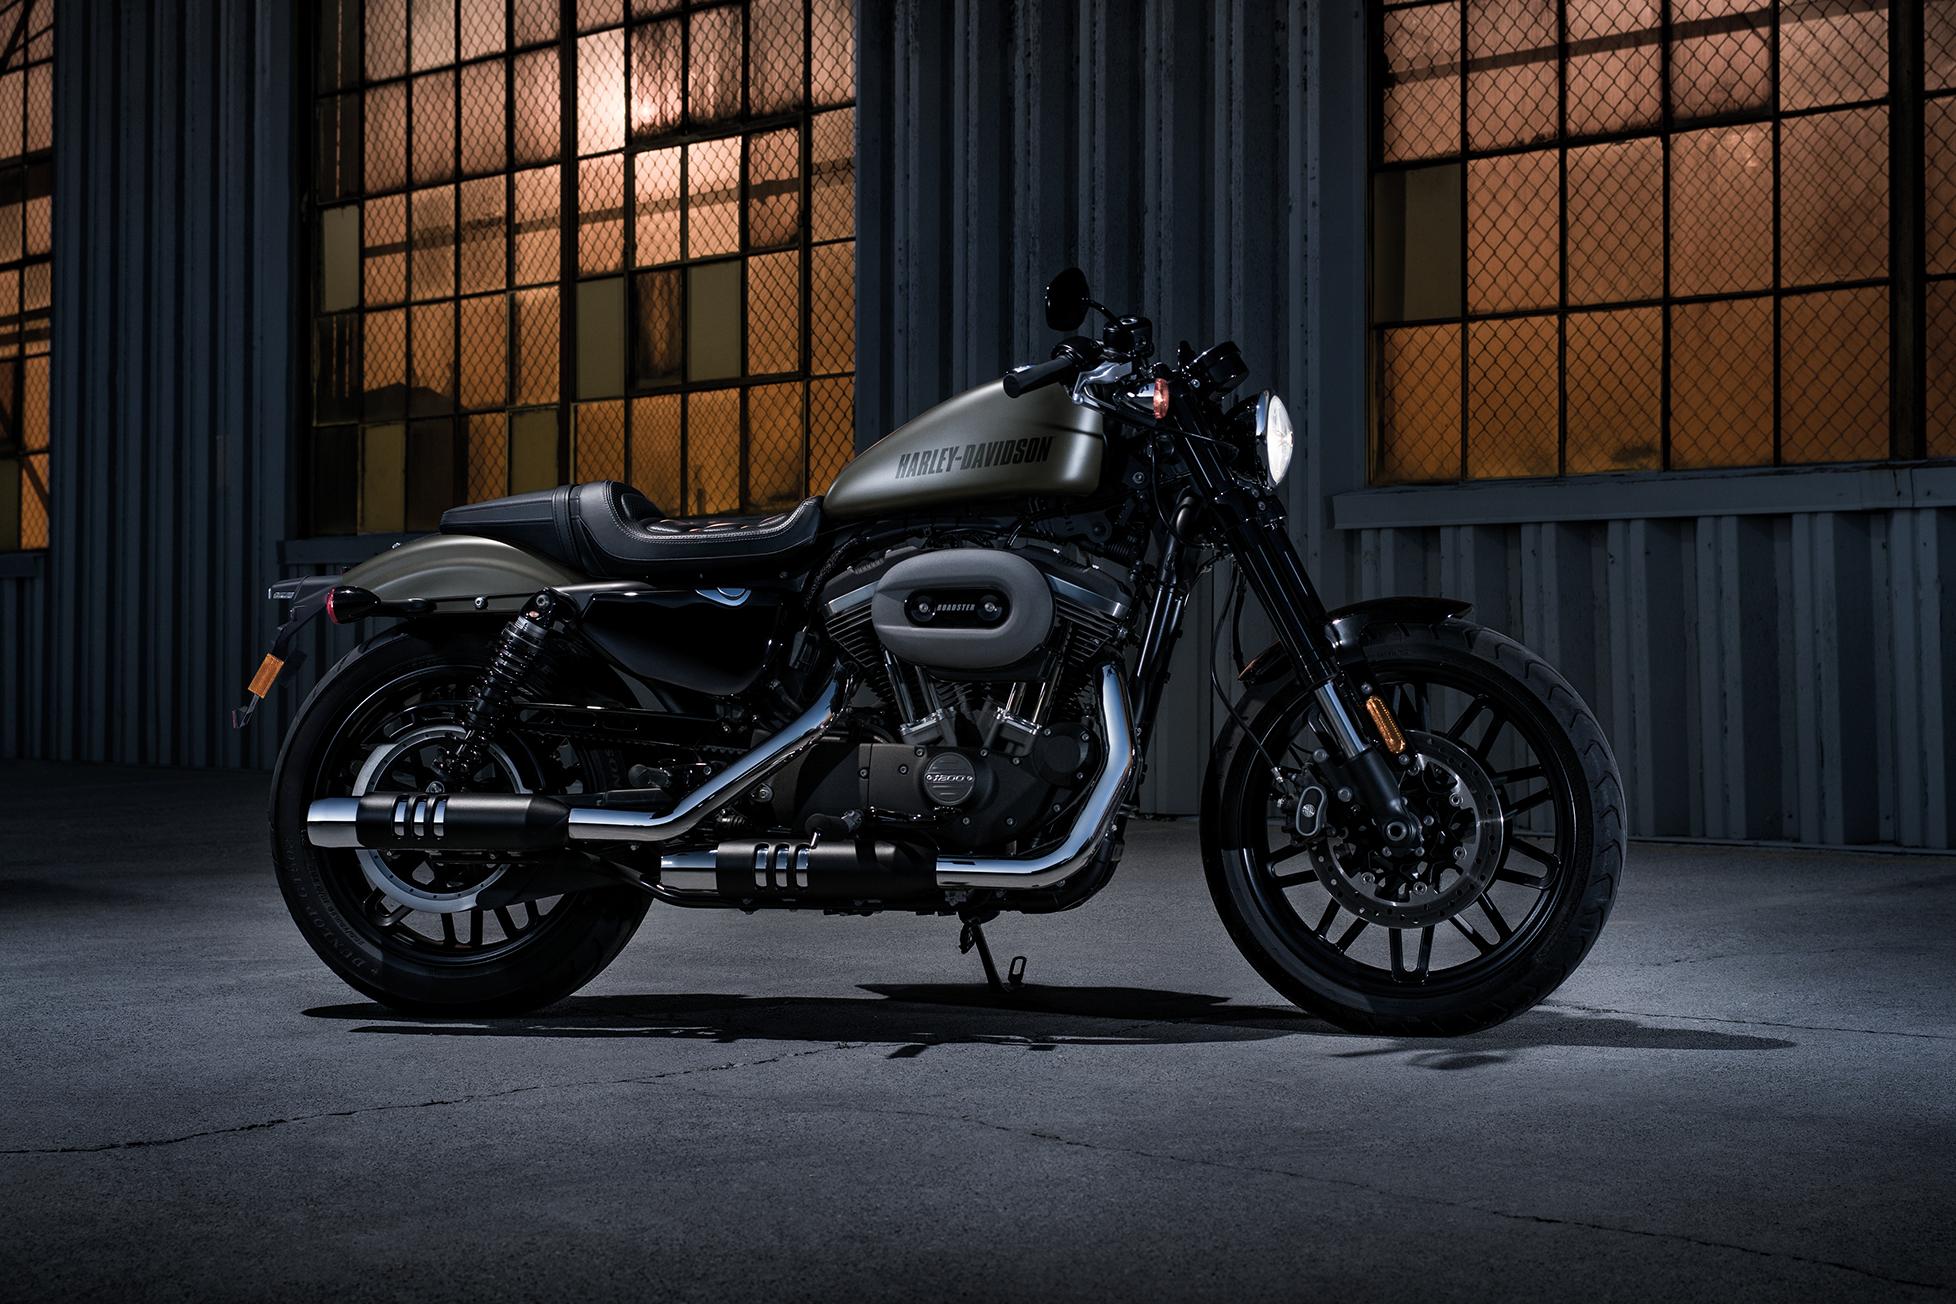 Harley davidson roadster 2017